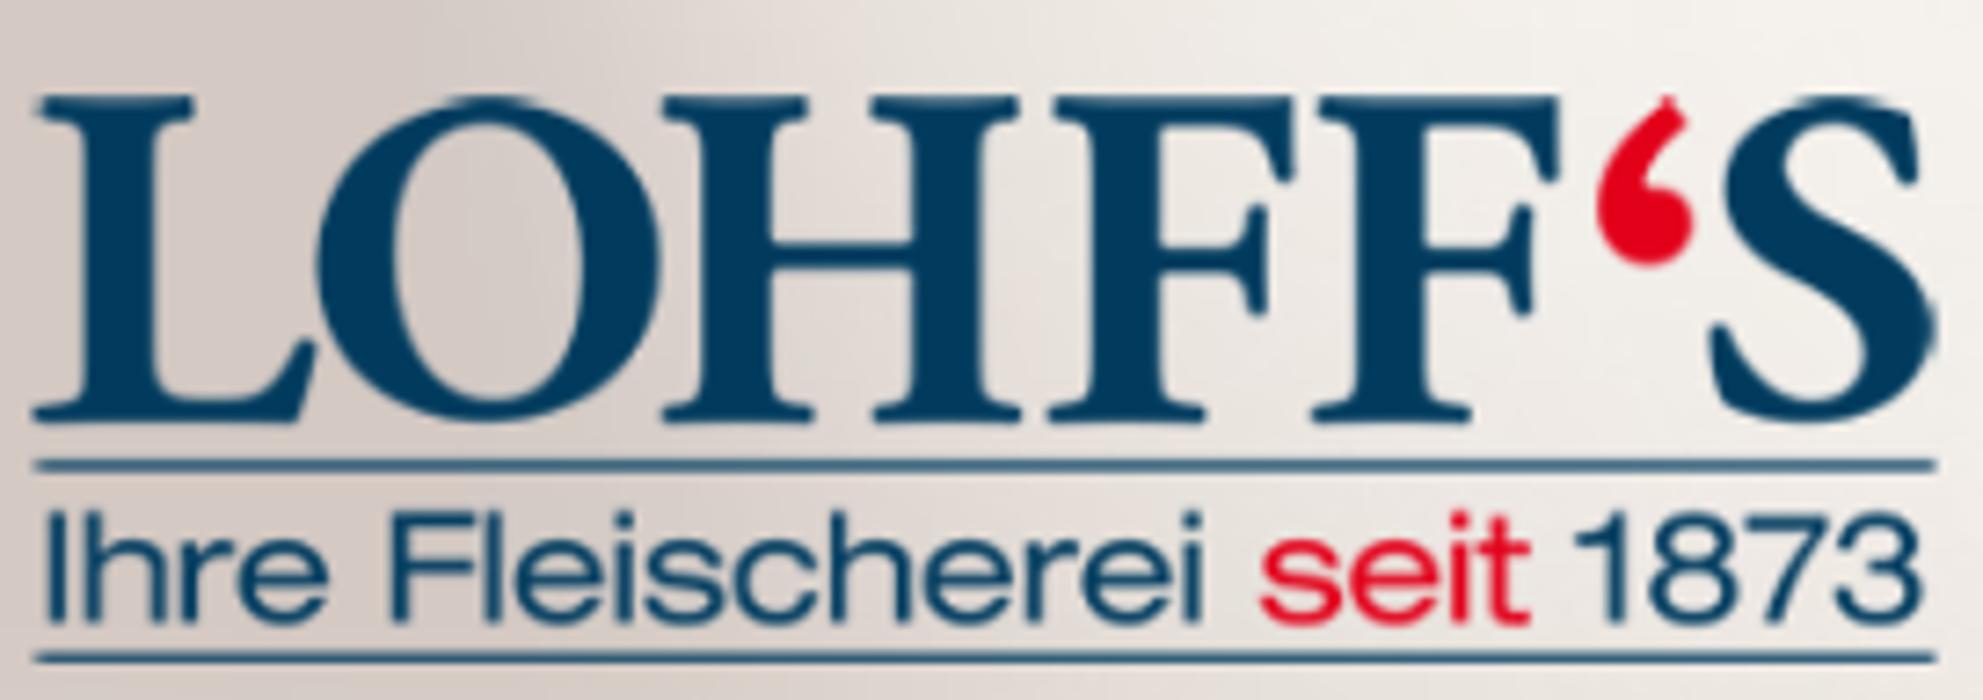 Bild zu Fleischerei Lohff in Lübeck